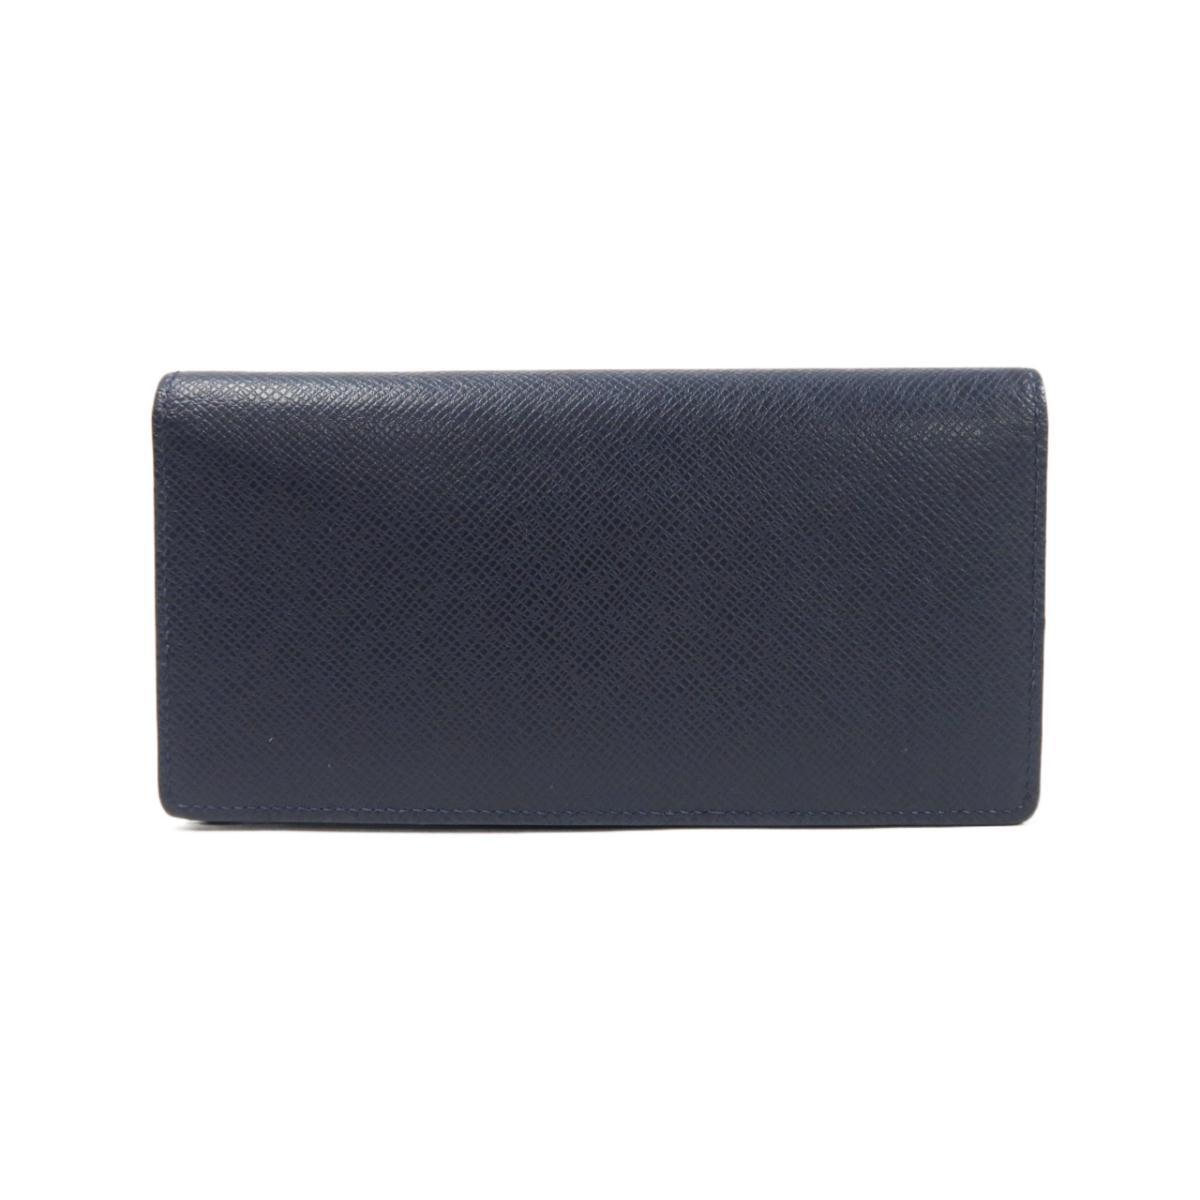 【新品】 ルイヴィトン タイガ 財布 M30502, 大和高田市 356d6c68